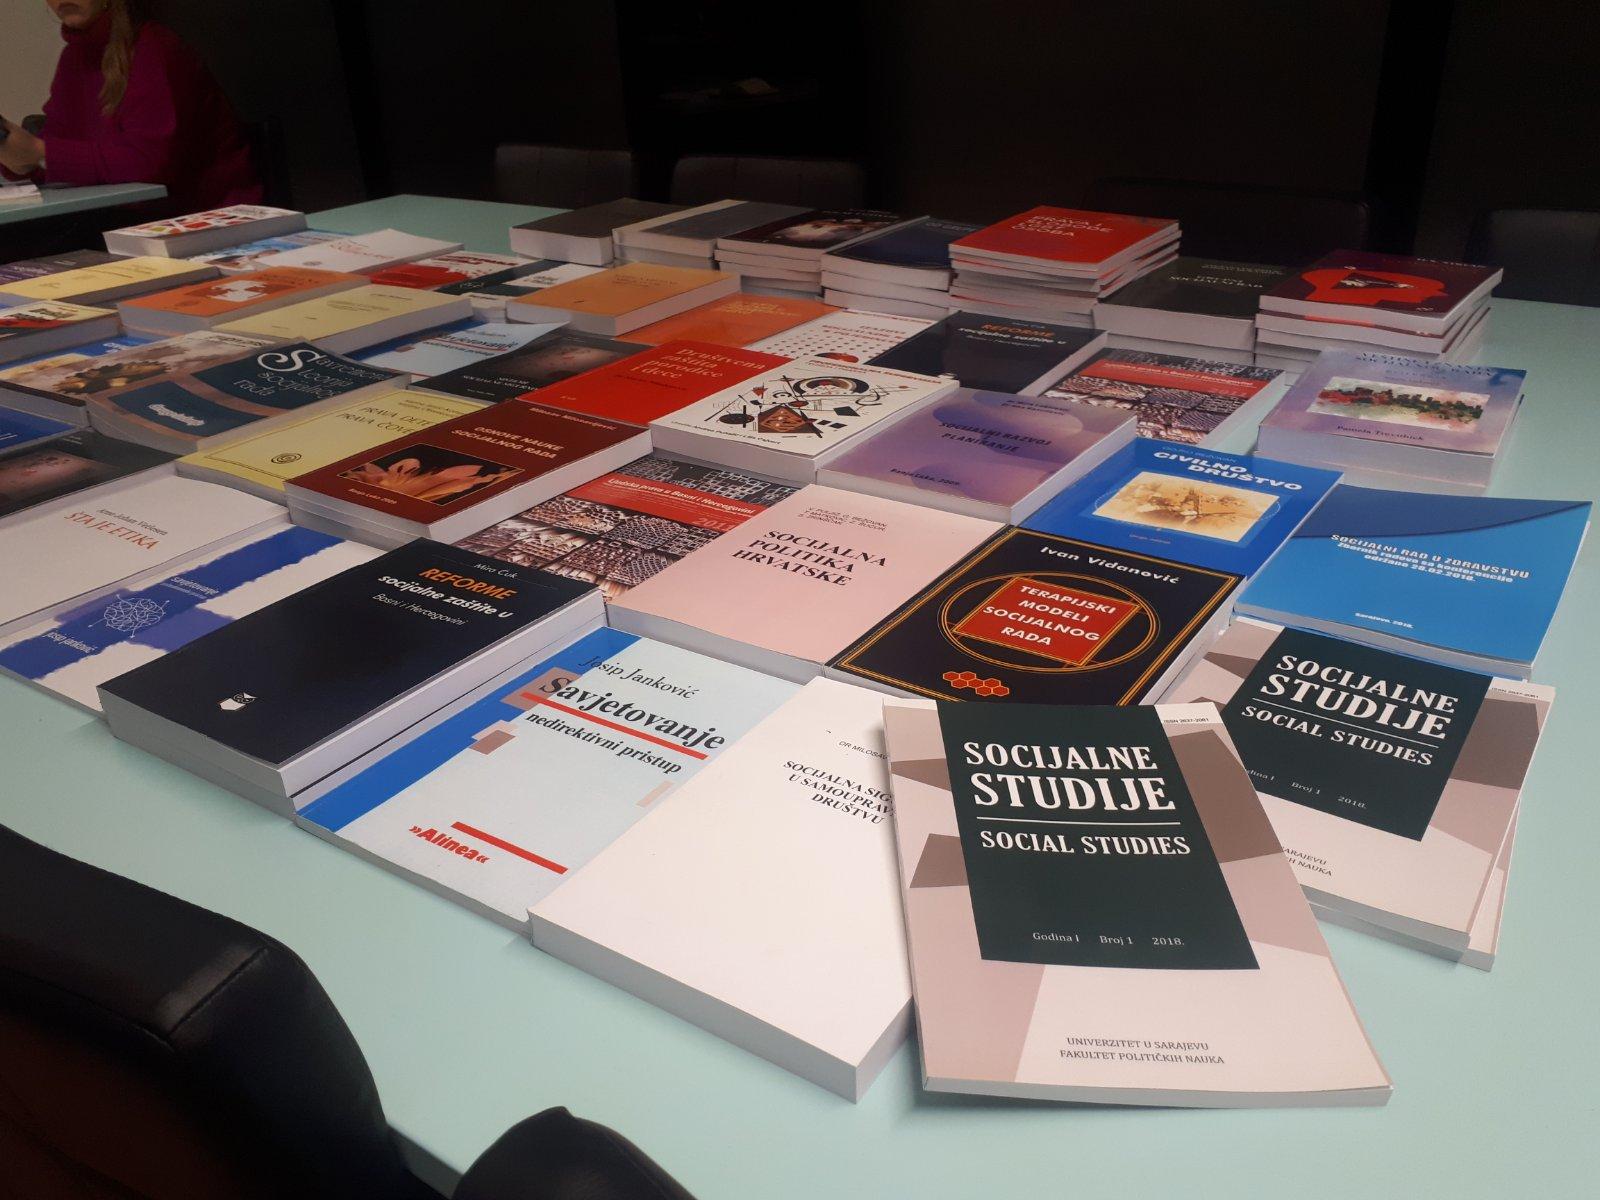 Biblioteci Fakulteta političkih nauka Univerziteta u Sarajevo uručena je 161 knjiga iz oblasti socijalnog rada